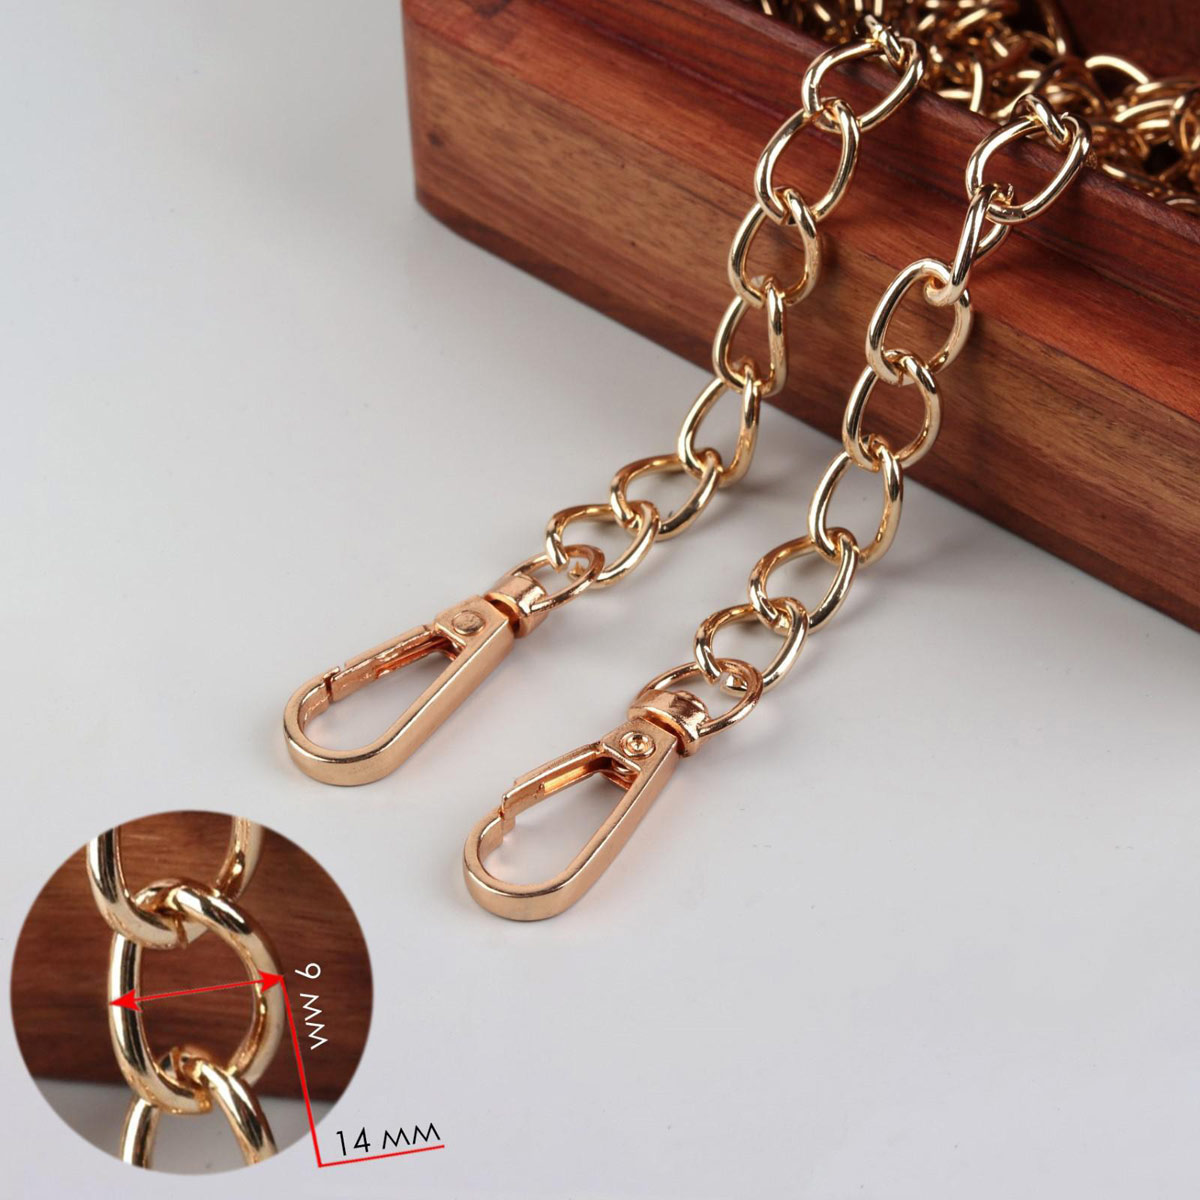 4336939 Цепочка для сумки с карабинами железо 120см 9*14мм золотой